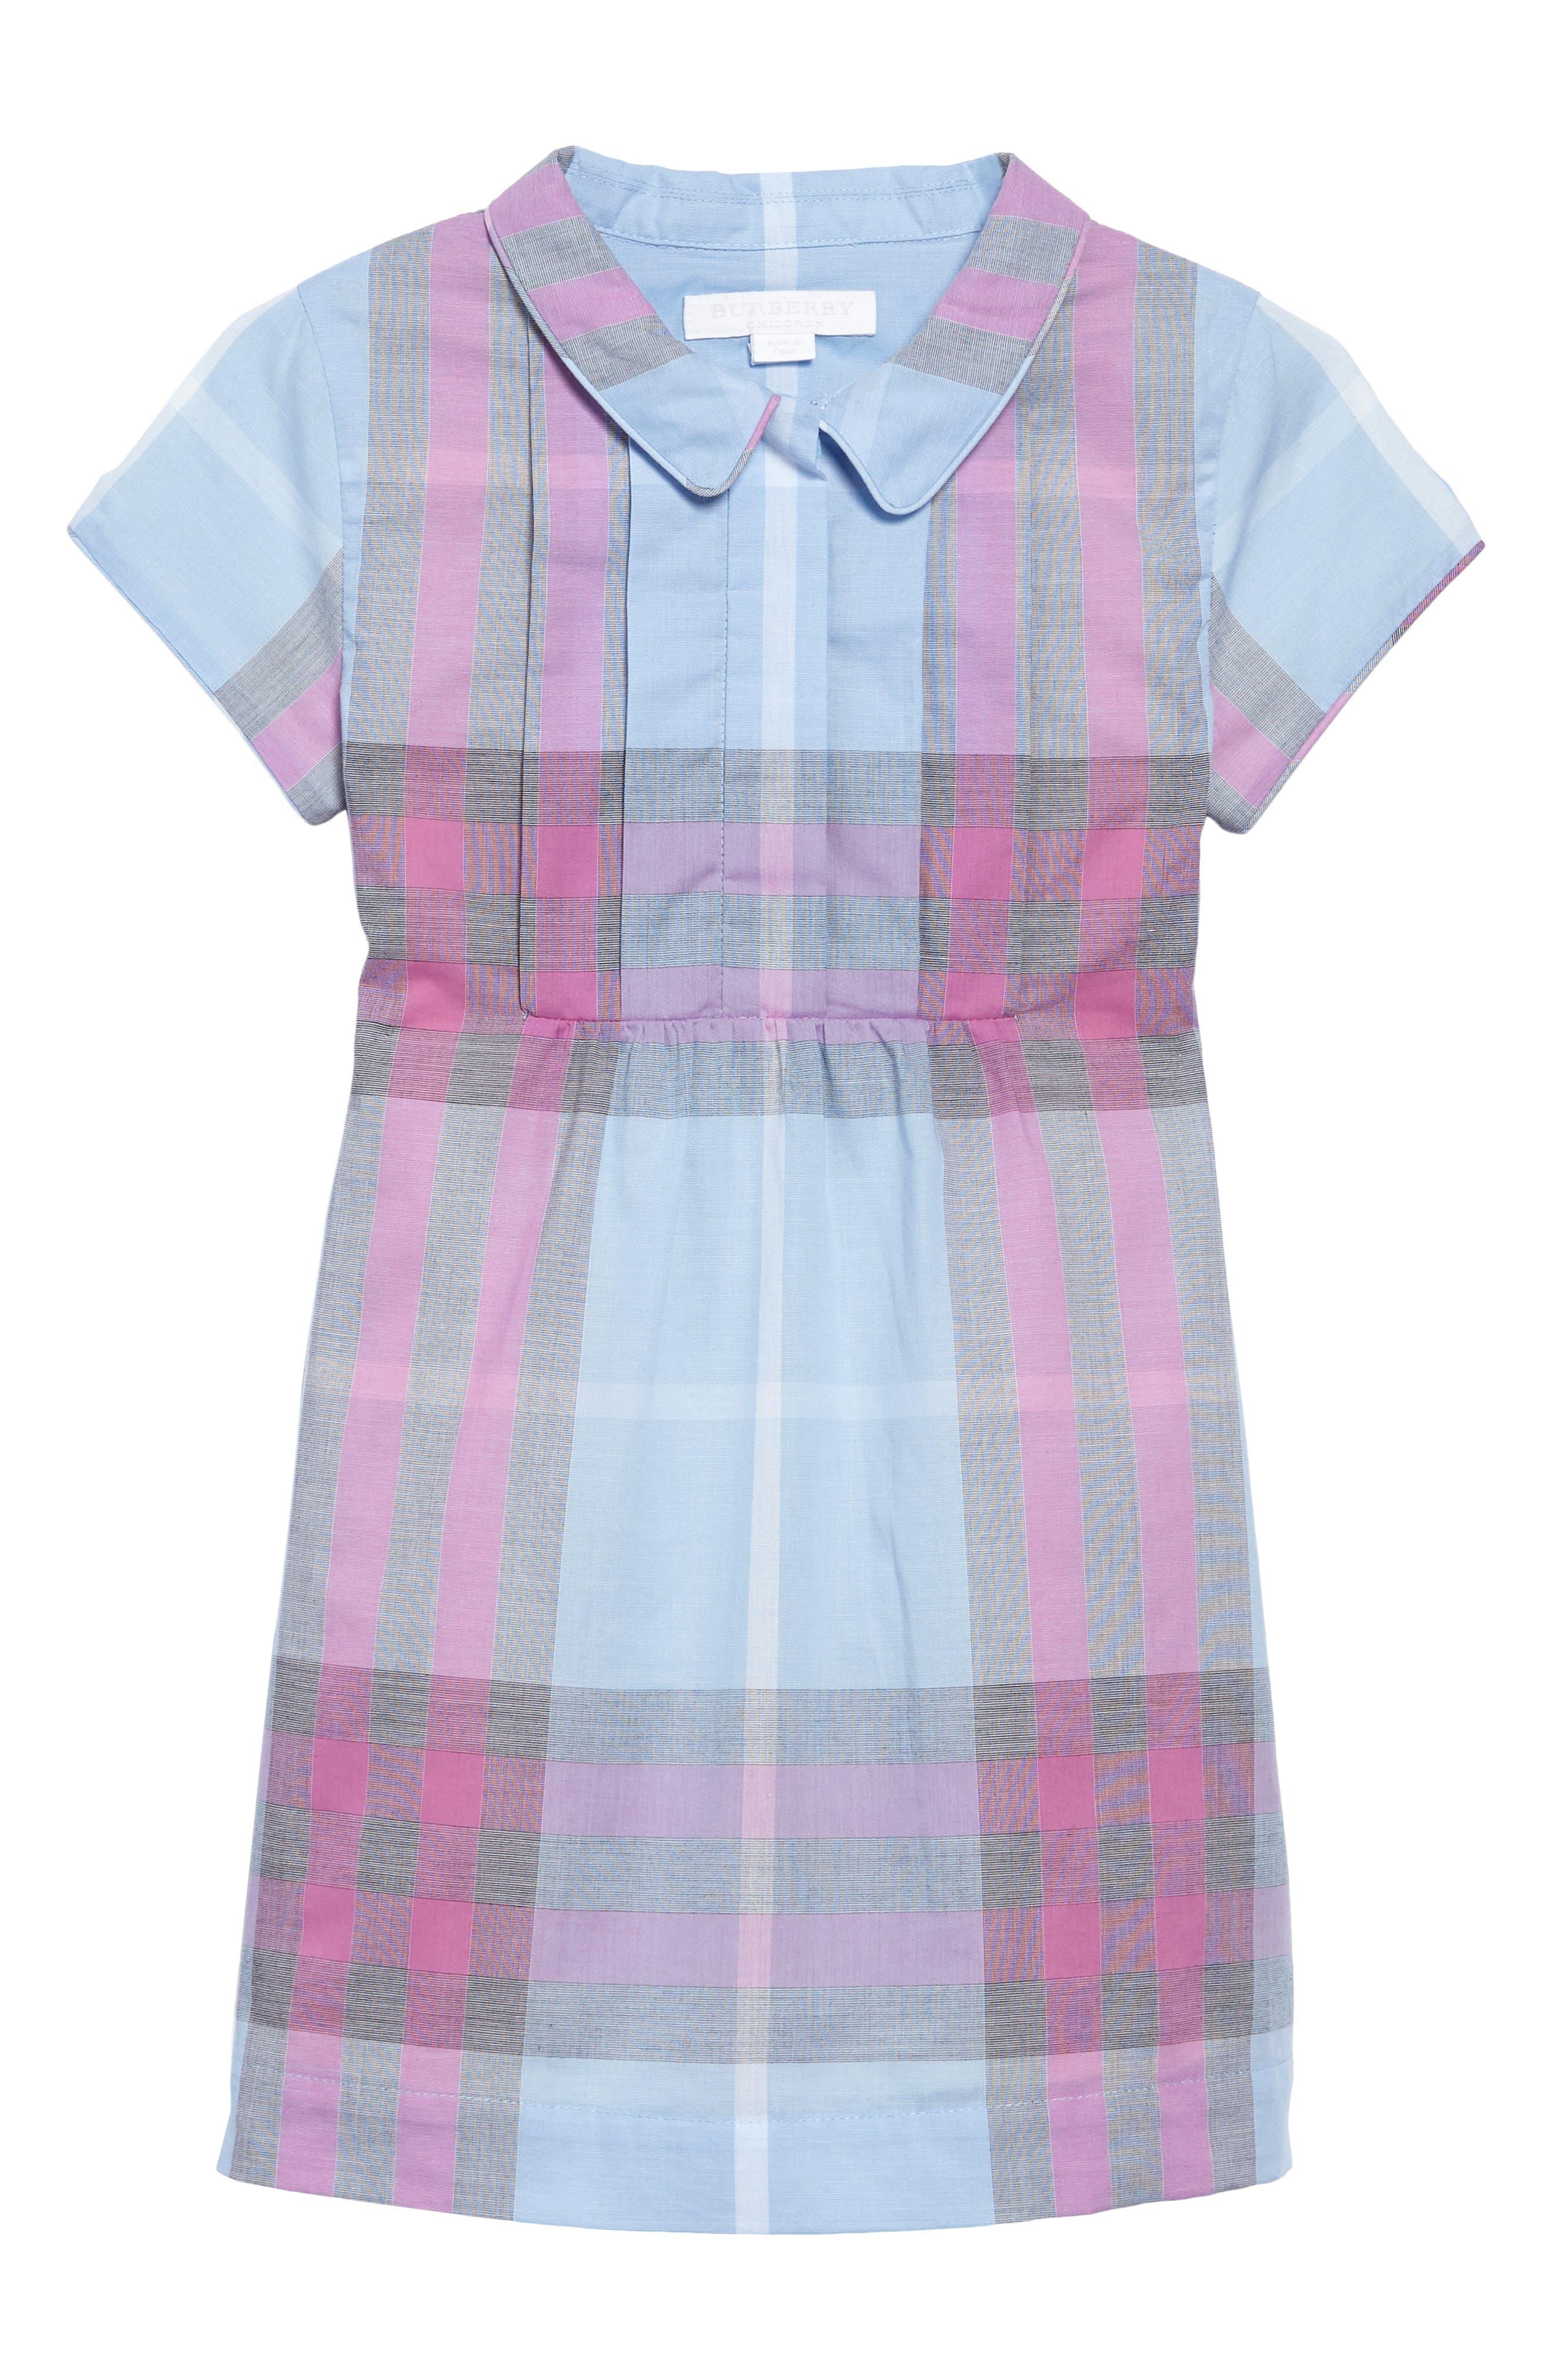 Taylor Check Dress,                             Main thumbnail 1, color,                             450